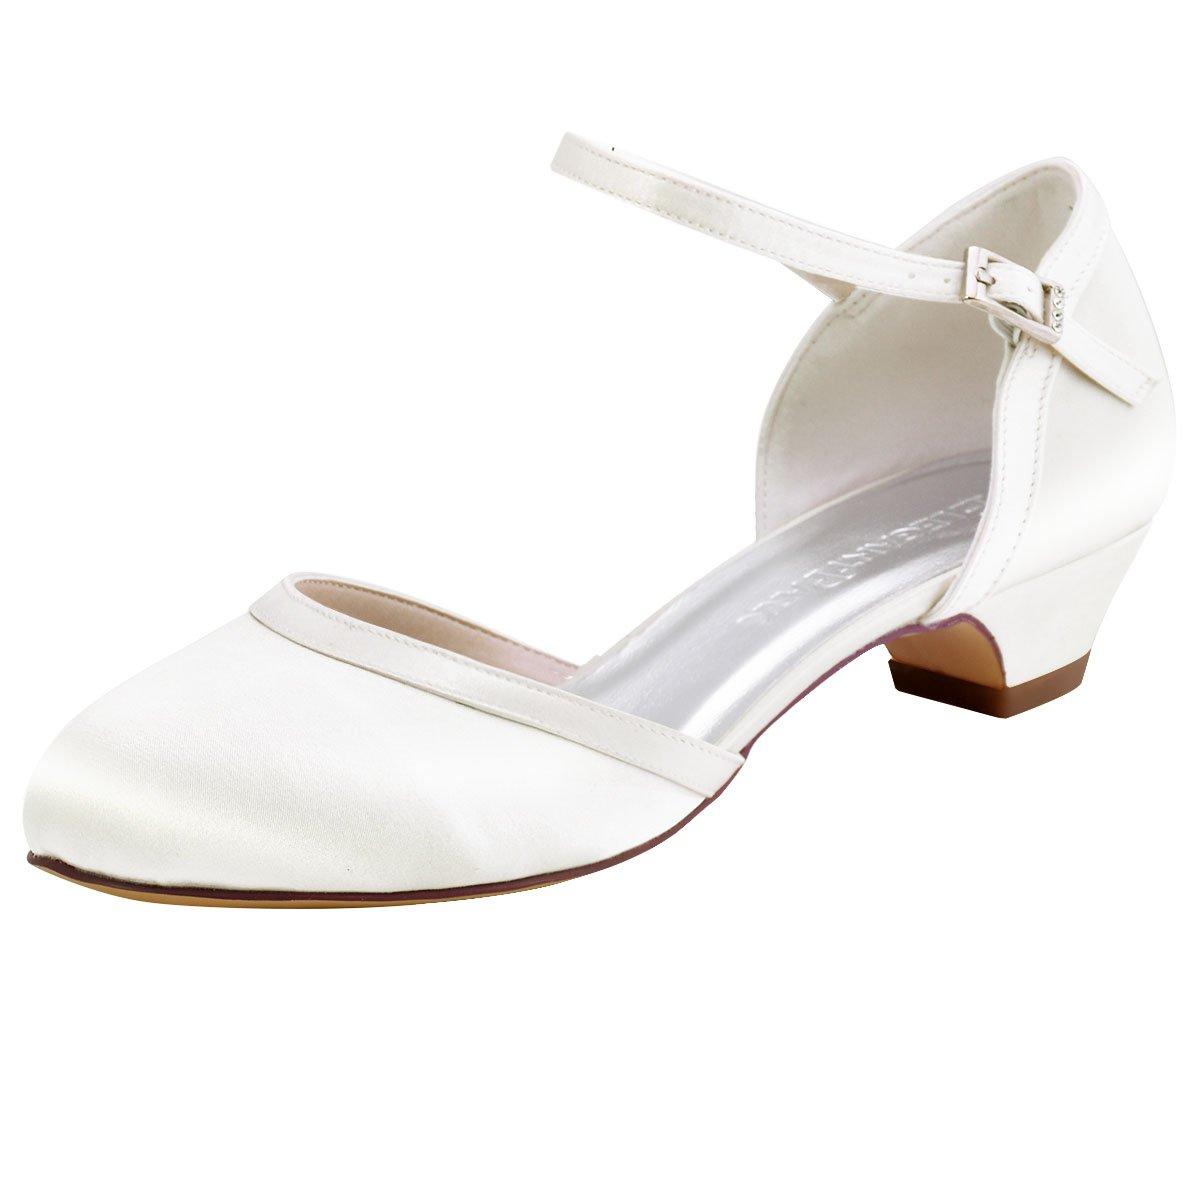 Elegante Park HC1621 ronda hebilla de tacón alto bombea los zapatos de danza de satén zapatos de boda Mujeres 38 EU|Marfil